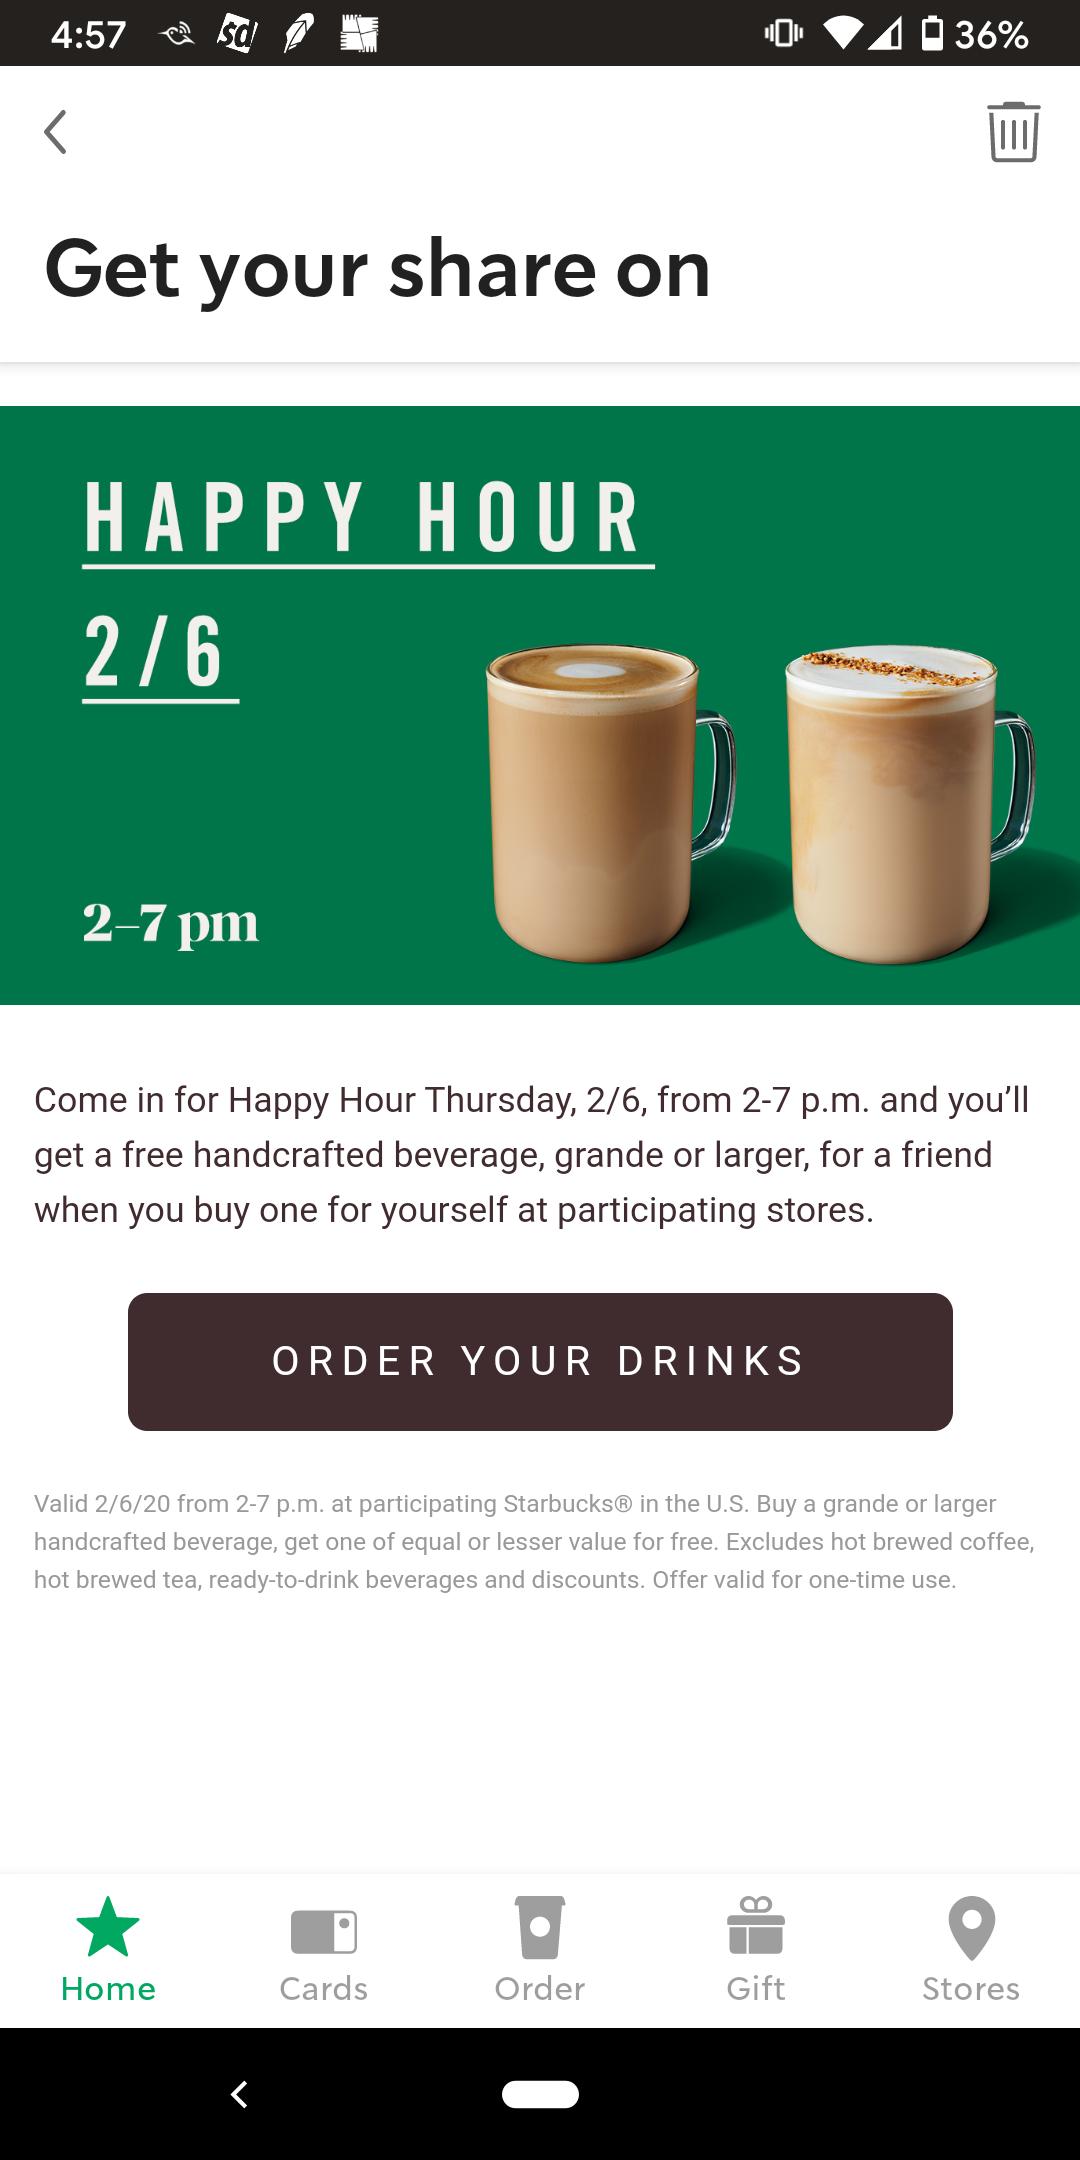 Starbucks Happy Hour BOGO Grande or Larger Handcrafted Drink 2-7PM Thursday 02/06/2020